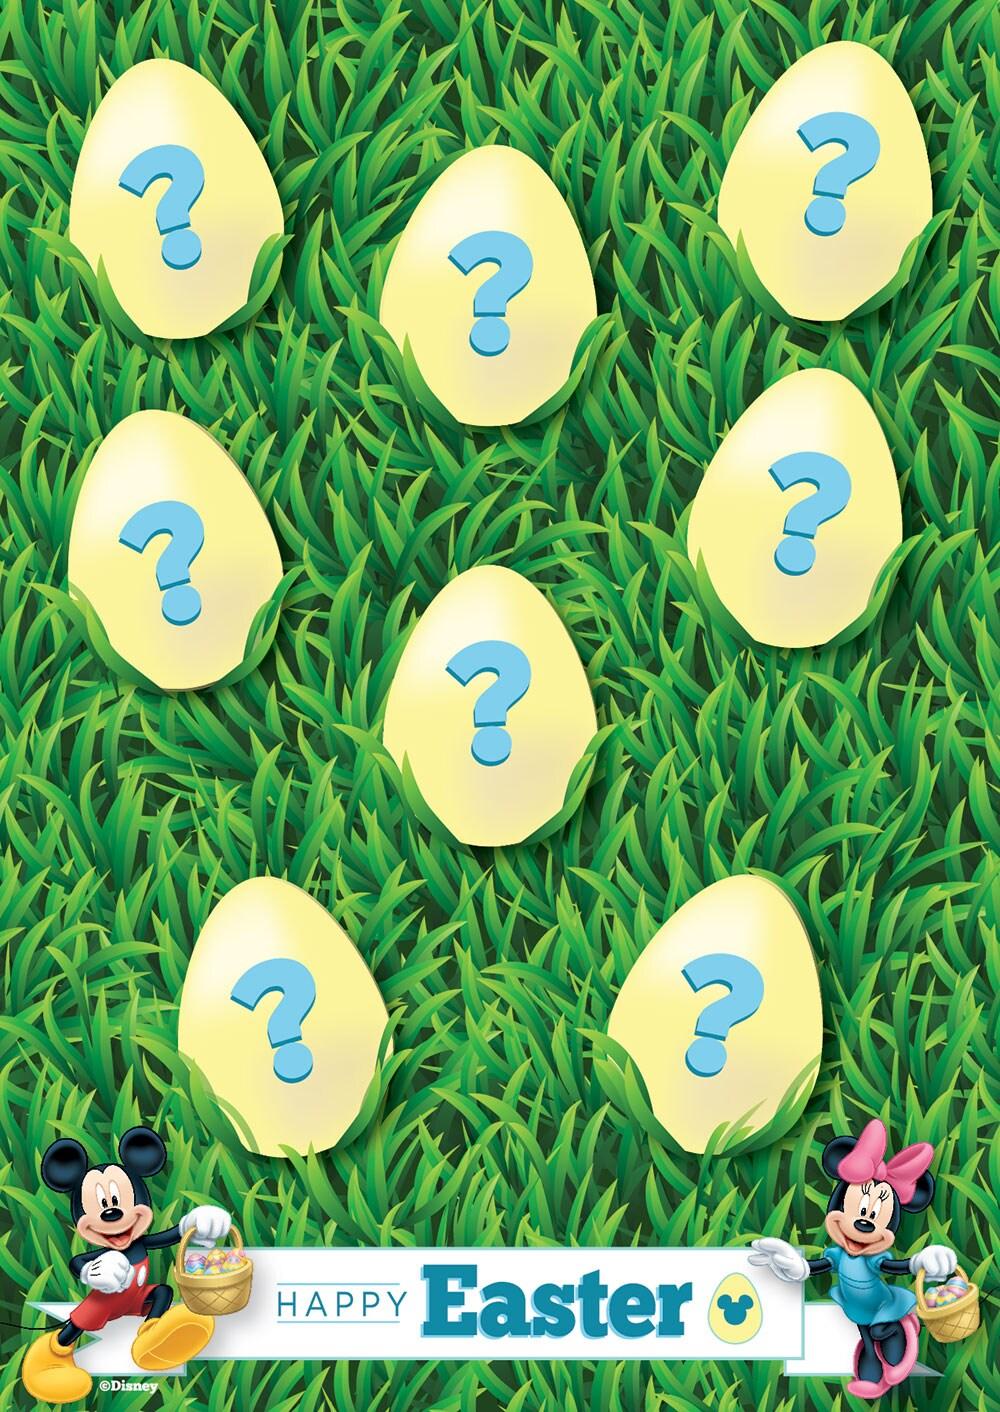 Join Disney's Digital Easter Egg Hunt on April 20